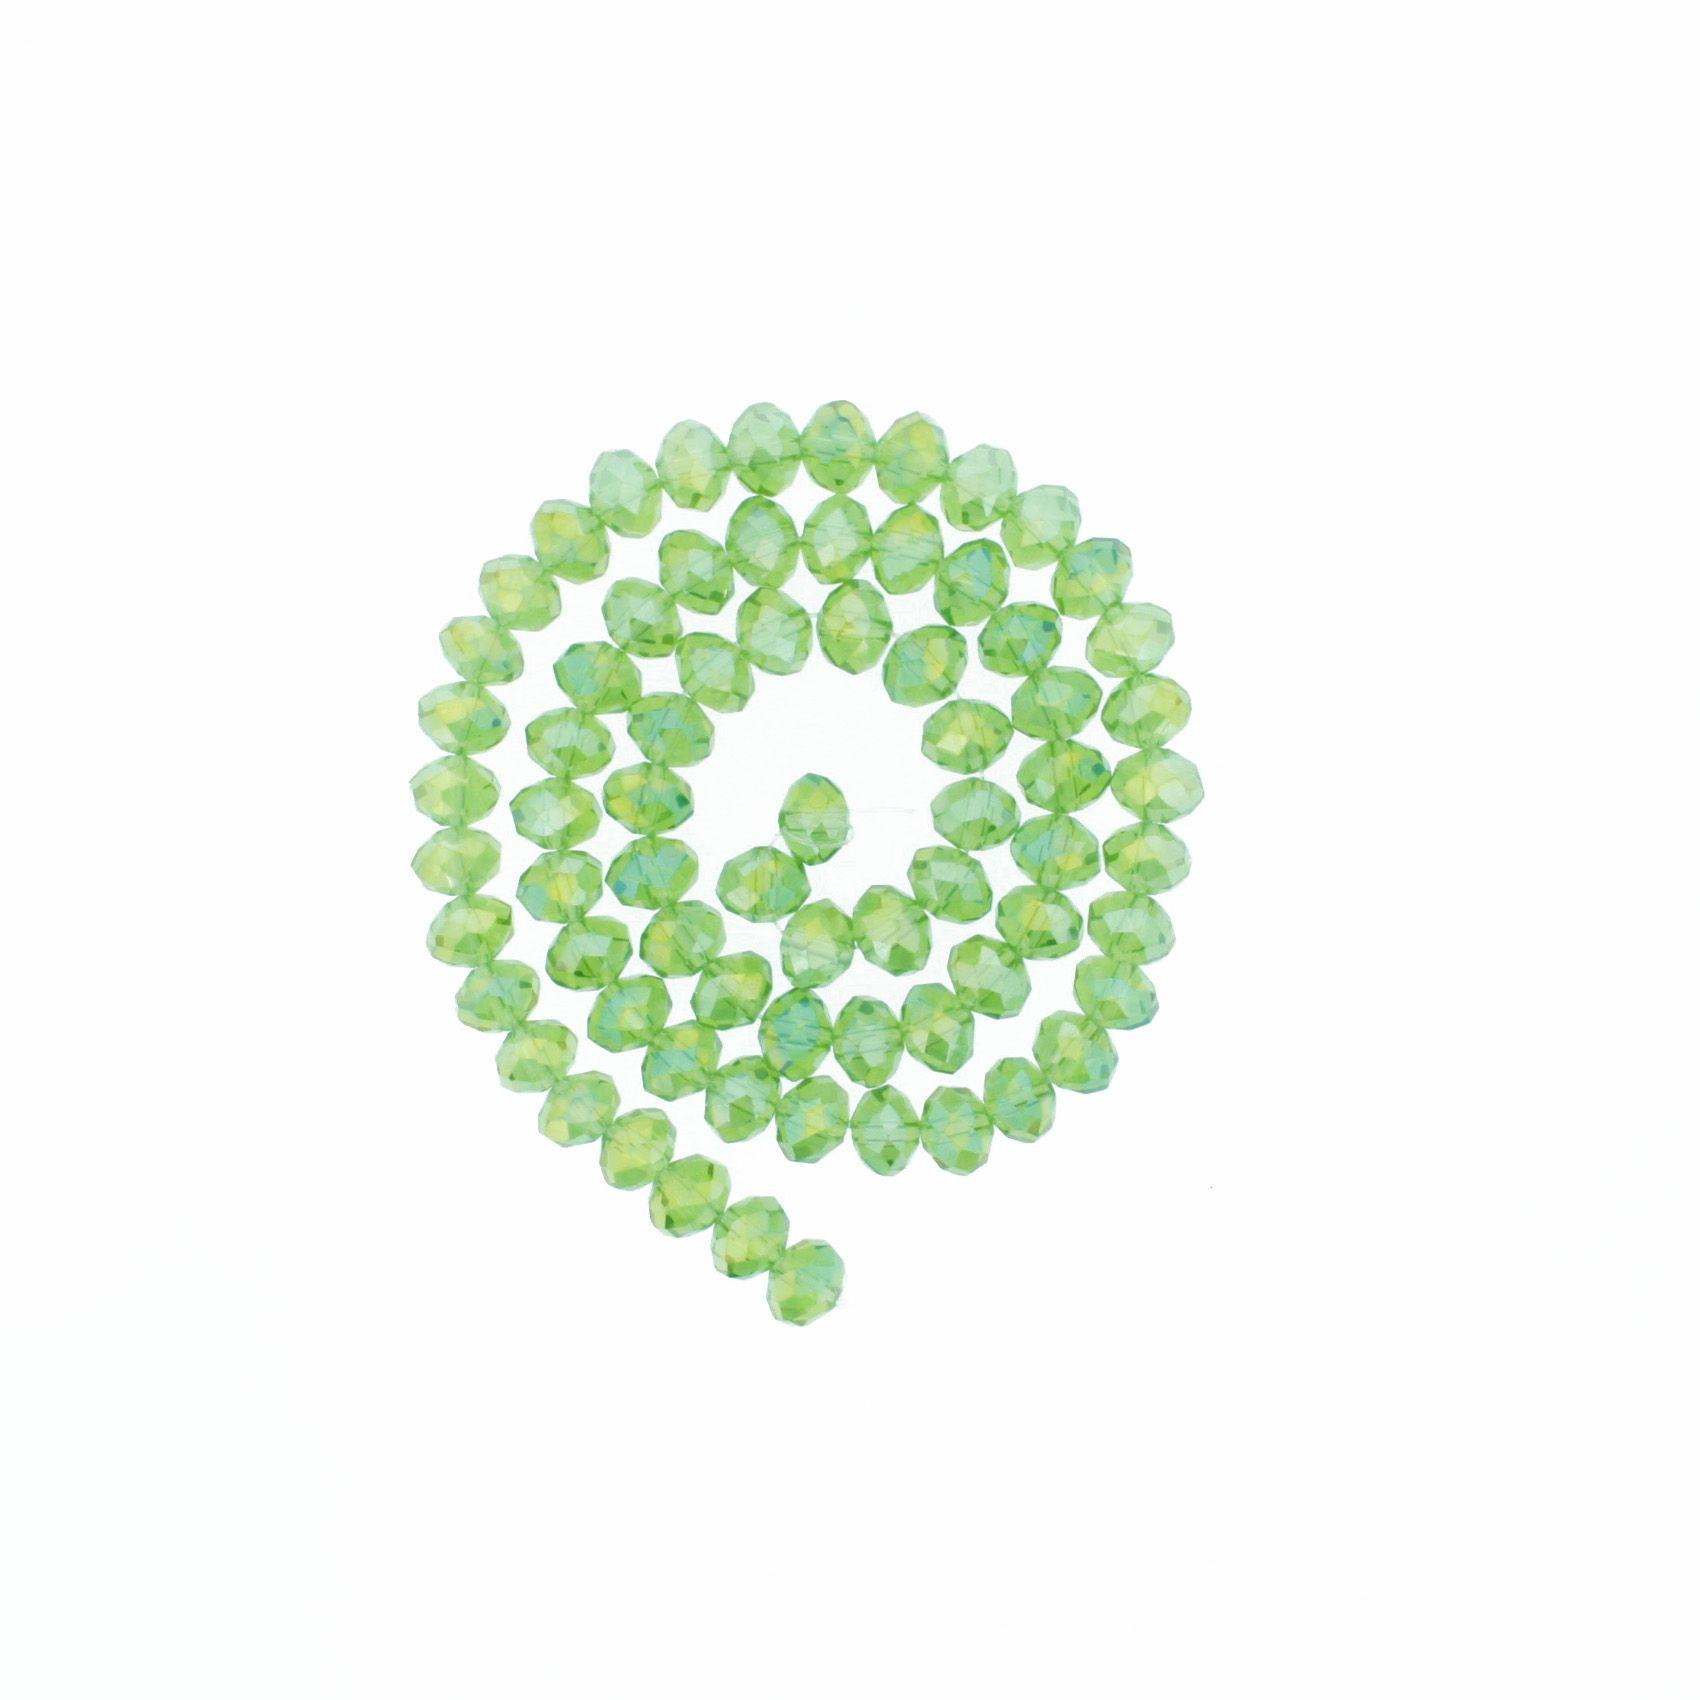 Fio de Cristal - Flat® - Verde Claro Transparente Irizado - 8mm  - Stéphanie Bijoux® - Peças para Bijuterias e Artesanato